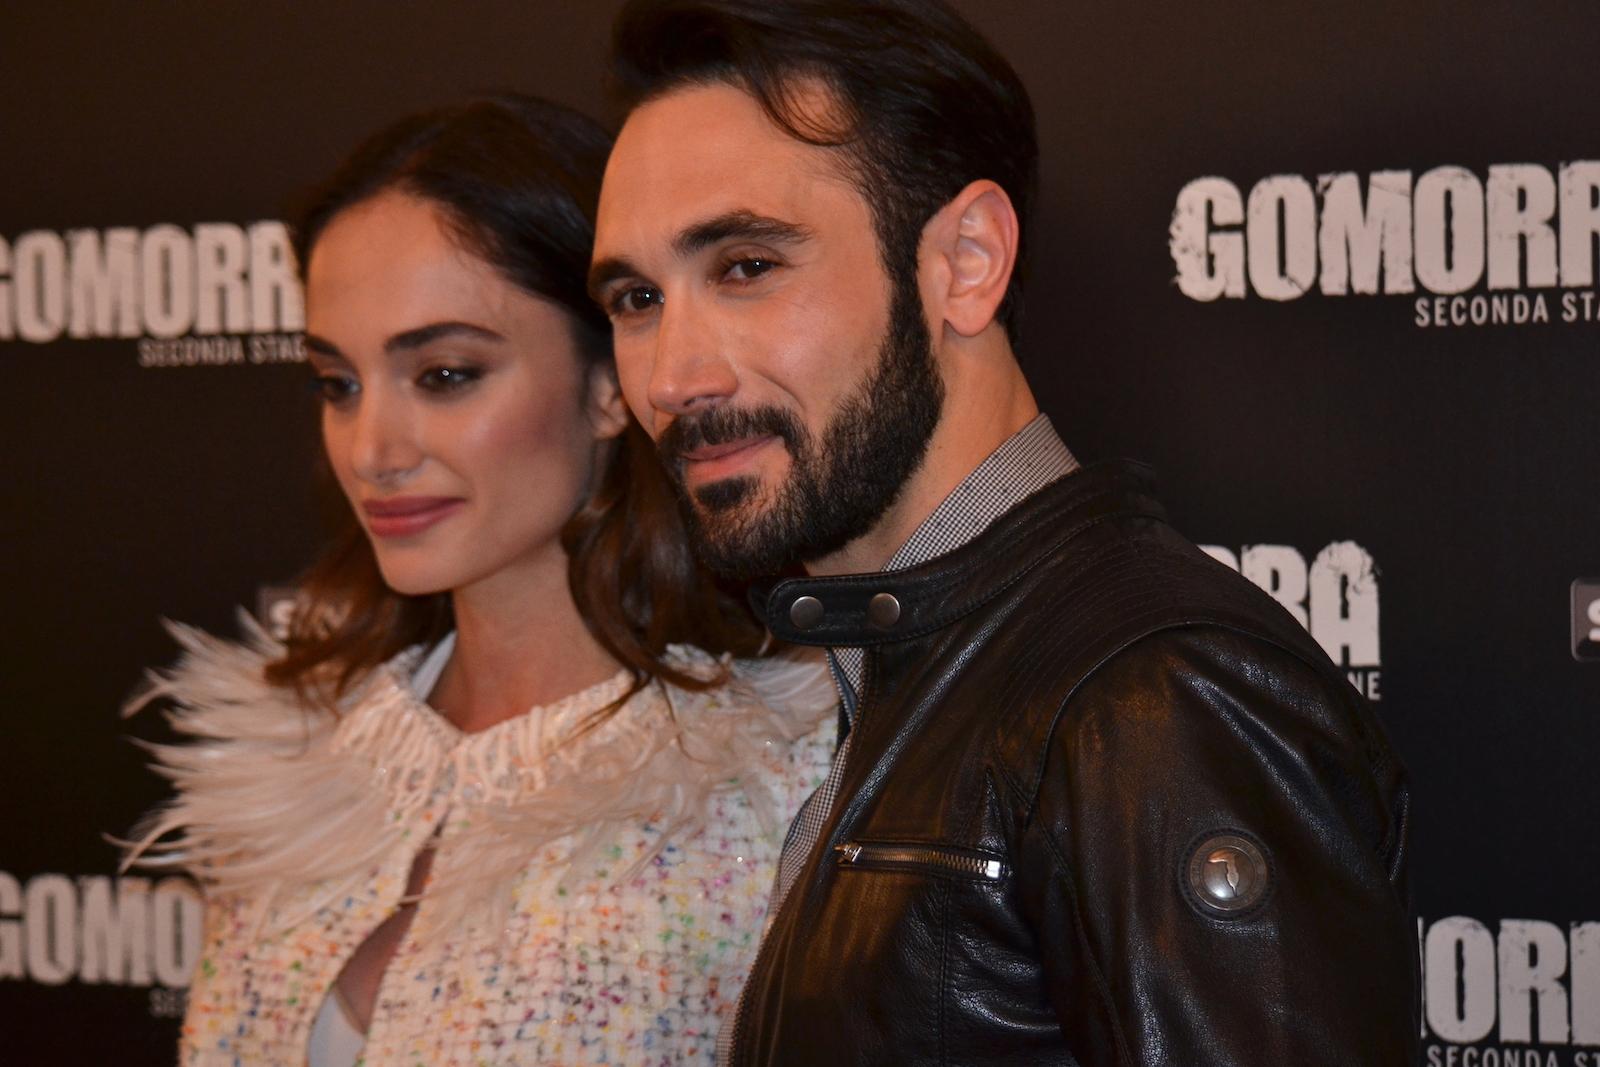 Gomorra seconda stagione: Denise Capezza e Marco Palvetti al photocall